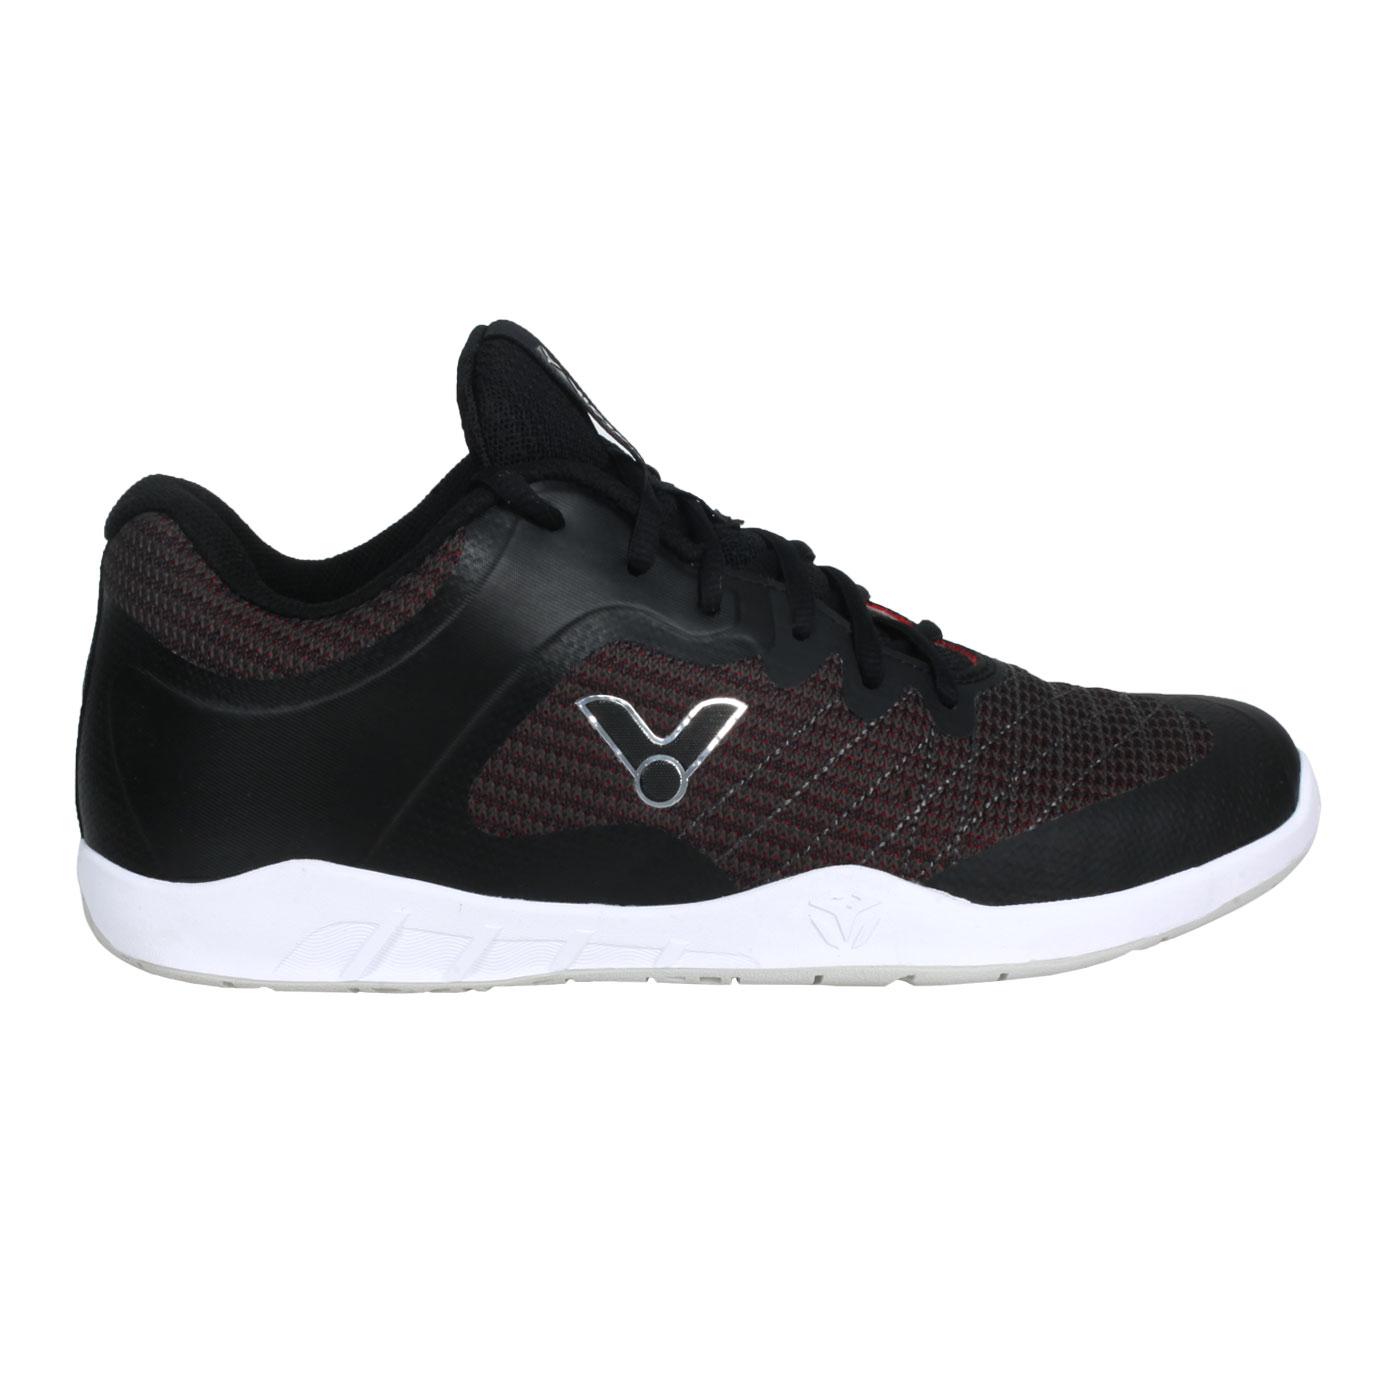 VICTOR 男款羽球鞋 VG1-C